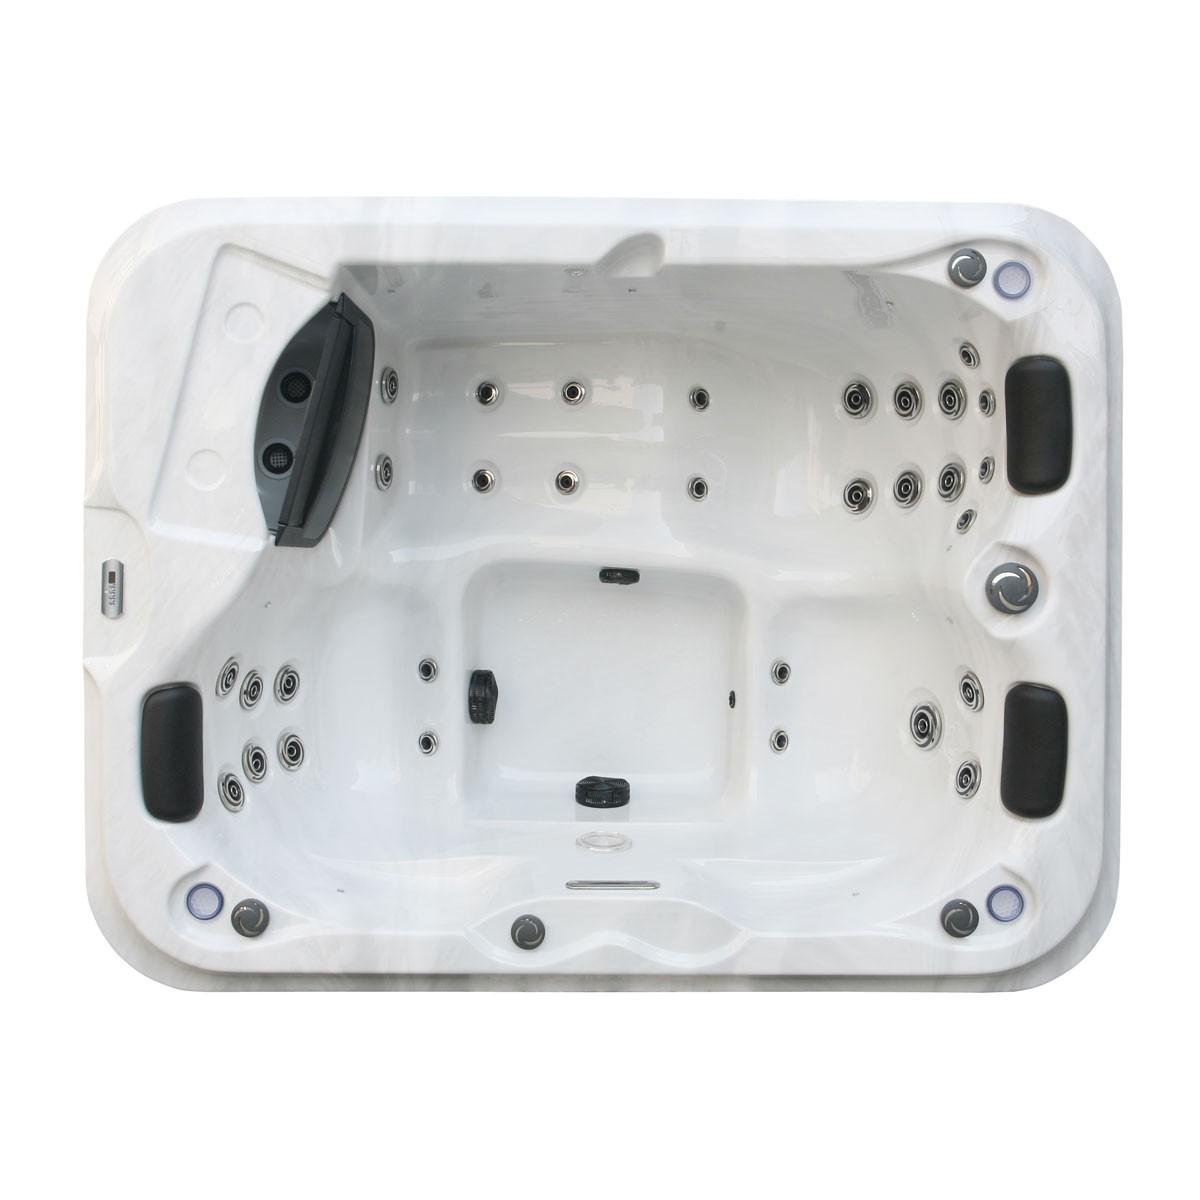 Spa ext rieur bain remous mini piscine pour 3 personnes for Bain a remous exterieur